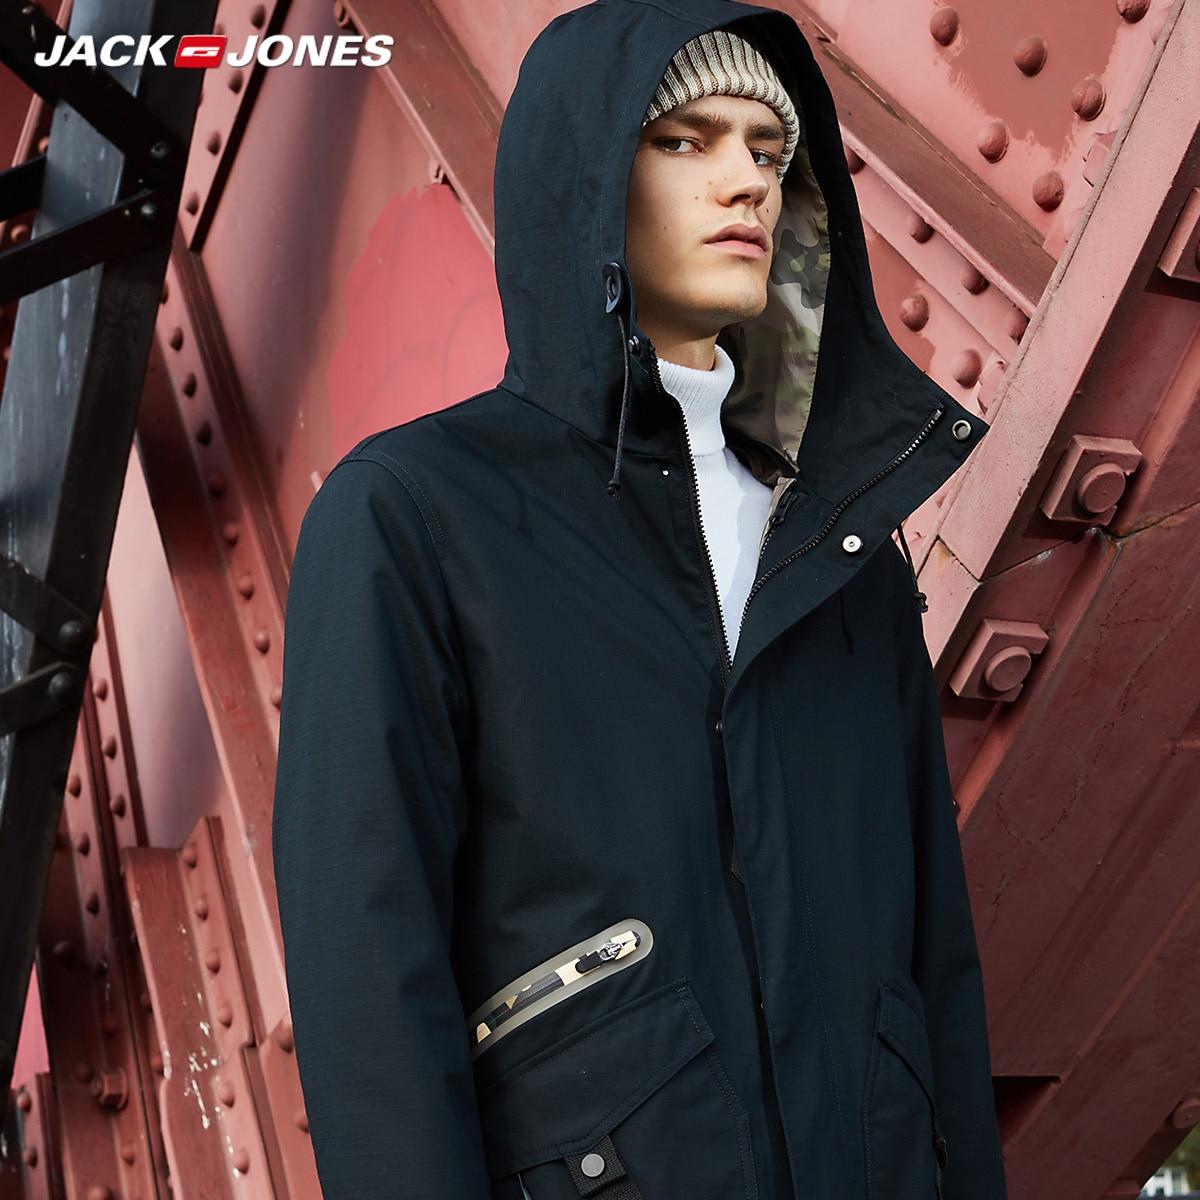 JackJones Men's Spring Camouflage Coat   Parkas   Jacket Men's Trench Coat College Luxury Pilot Menswear|218309518